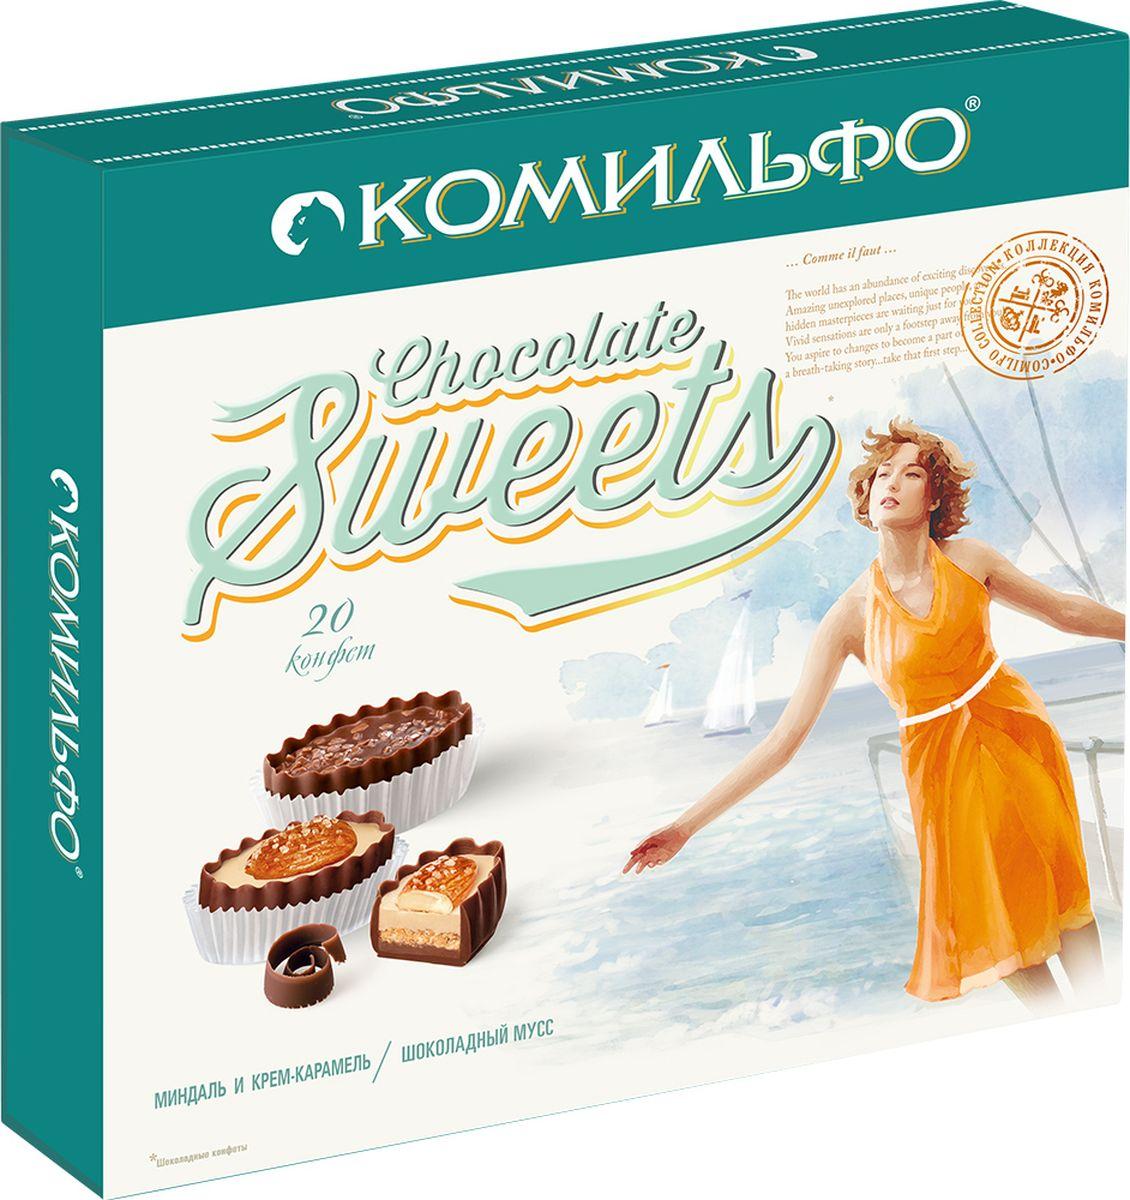 Комильфо шоколадные конфеты крем-брюле шоколадный мусс, 232 г raffaello конфеты с цельным миндальным орехом в кокосовой обсыпке 90 г